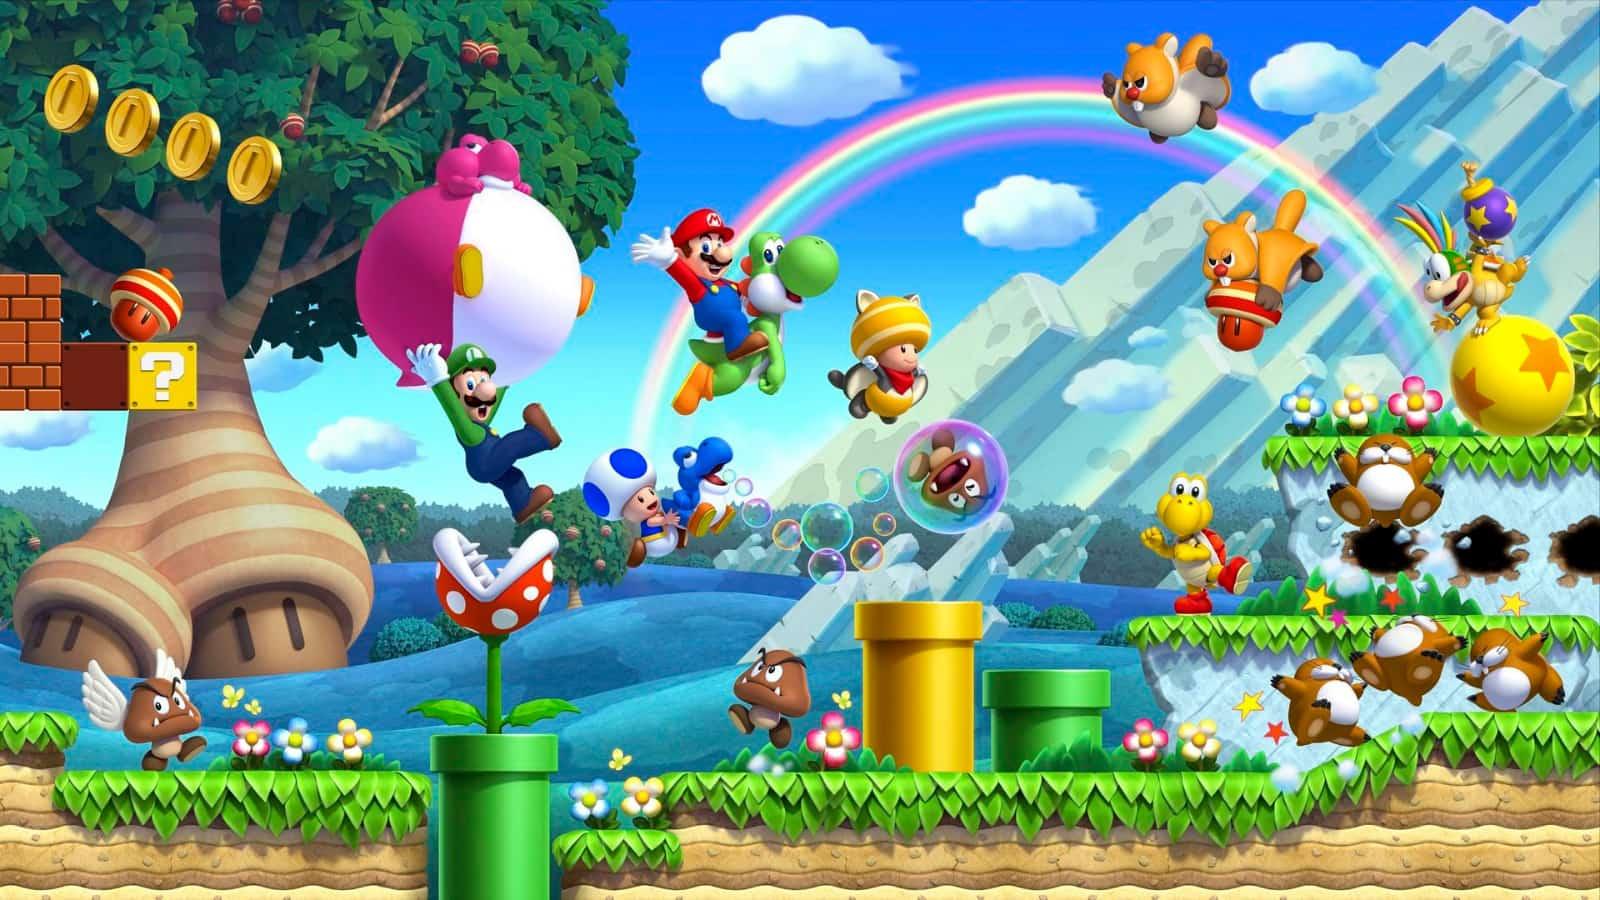 Nova revisão de Super Mario Bros U Deluxe: a princesa sapo chega